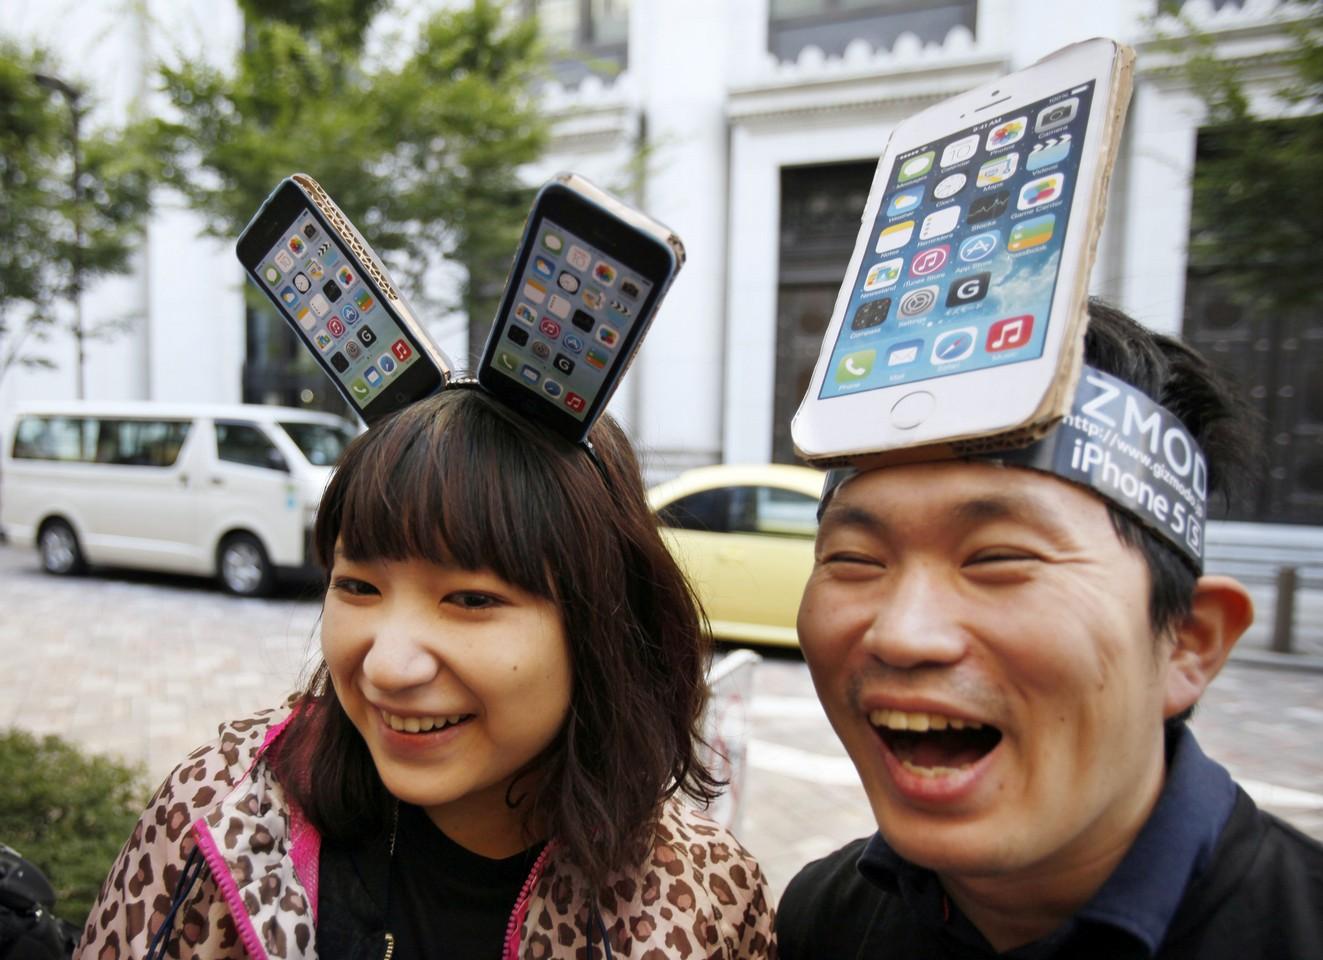 очереди за iPhone 4S